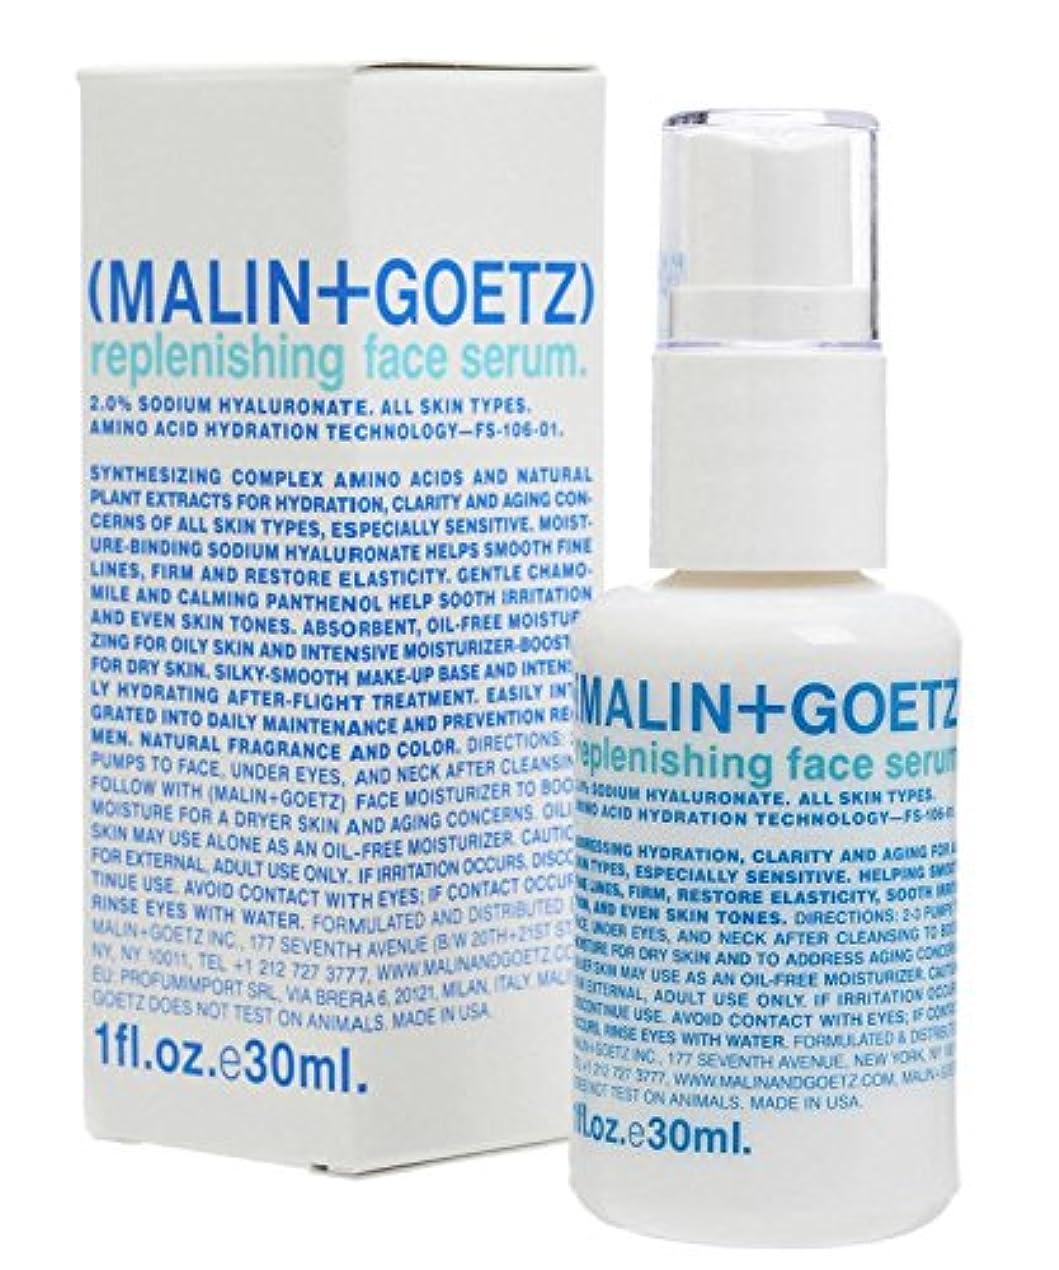 地震アトラス送るマリン+ゲッツ補充顔の血清 x4 - MALIN+GOETZ Replenishing Face Serum (Pack of 4) [並行輸入品]